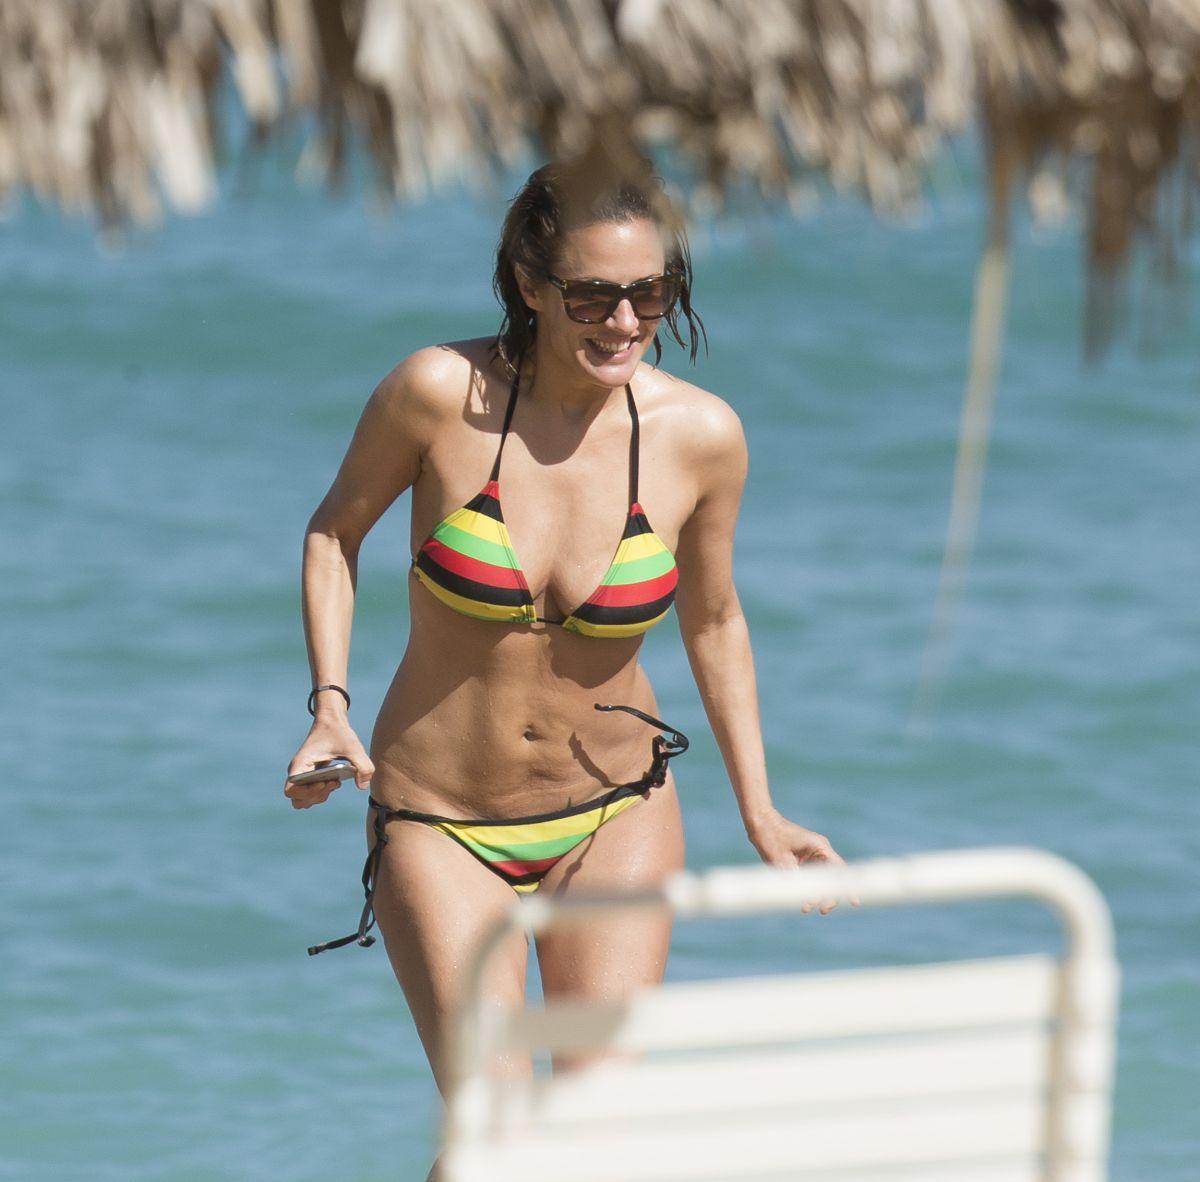 Caroline flack bikini